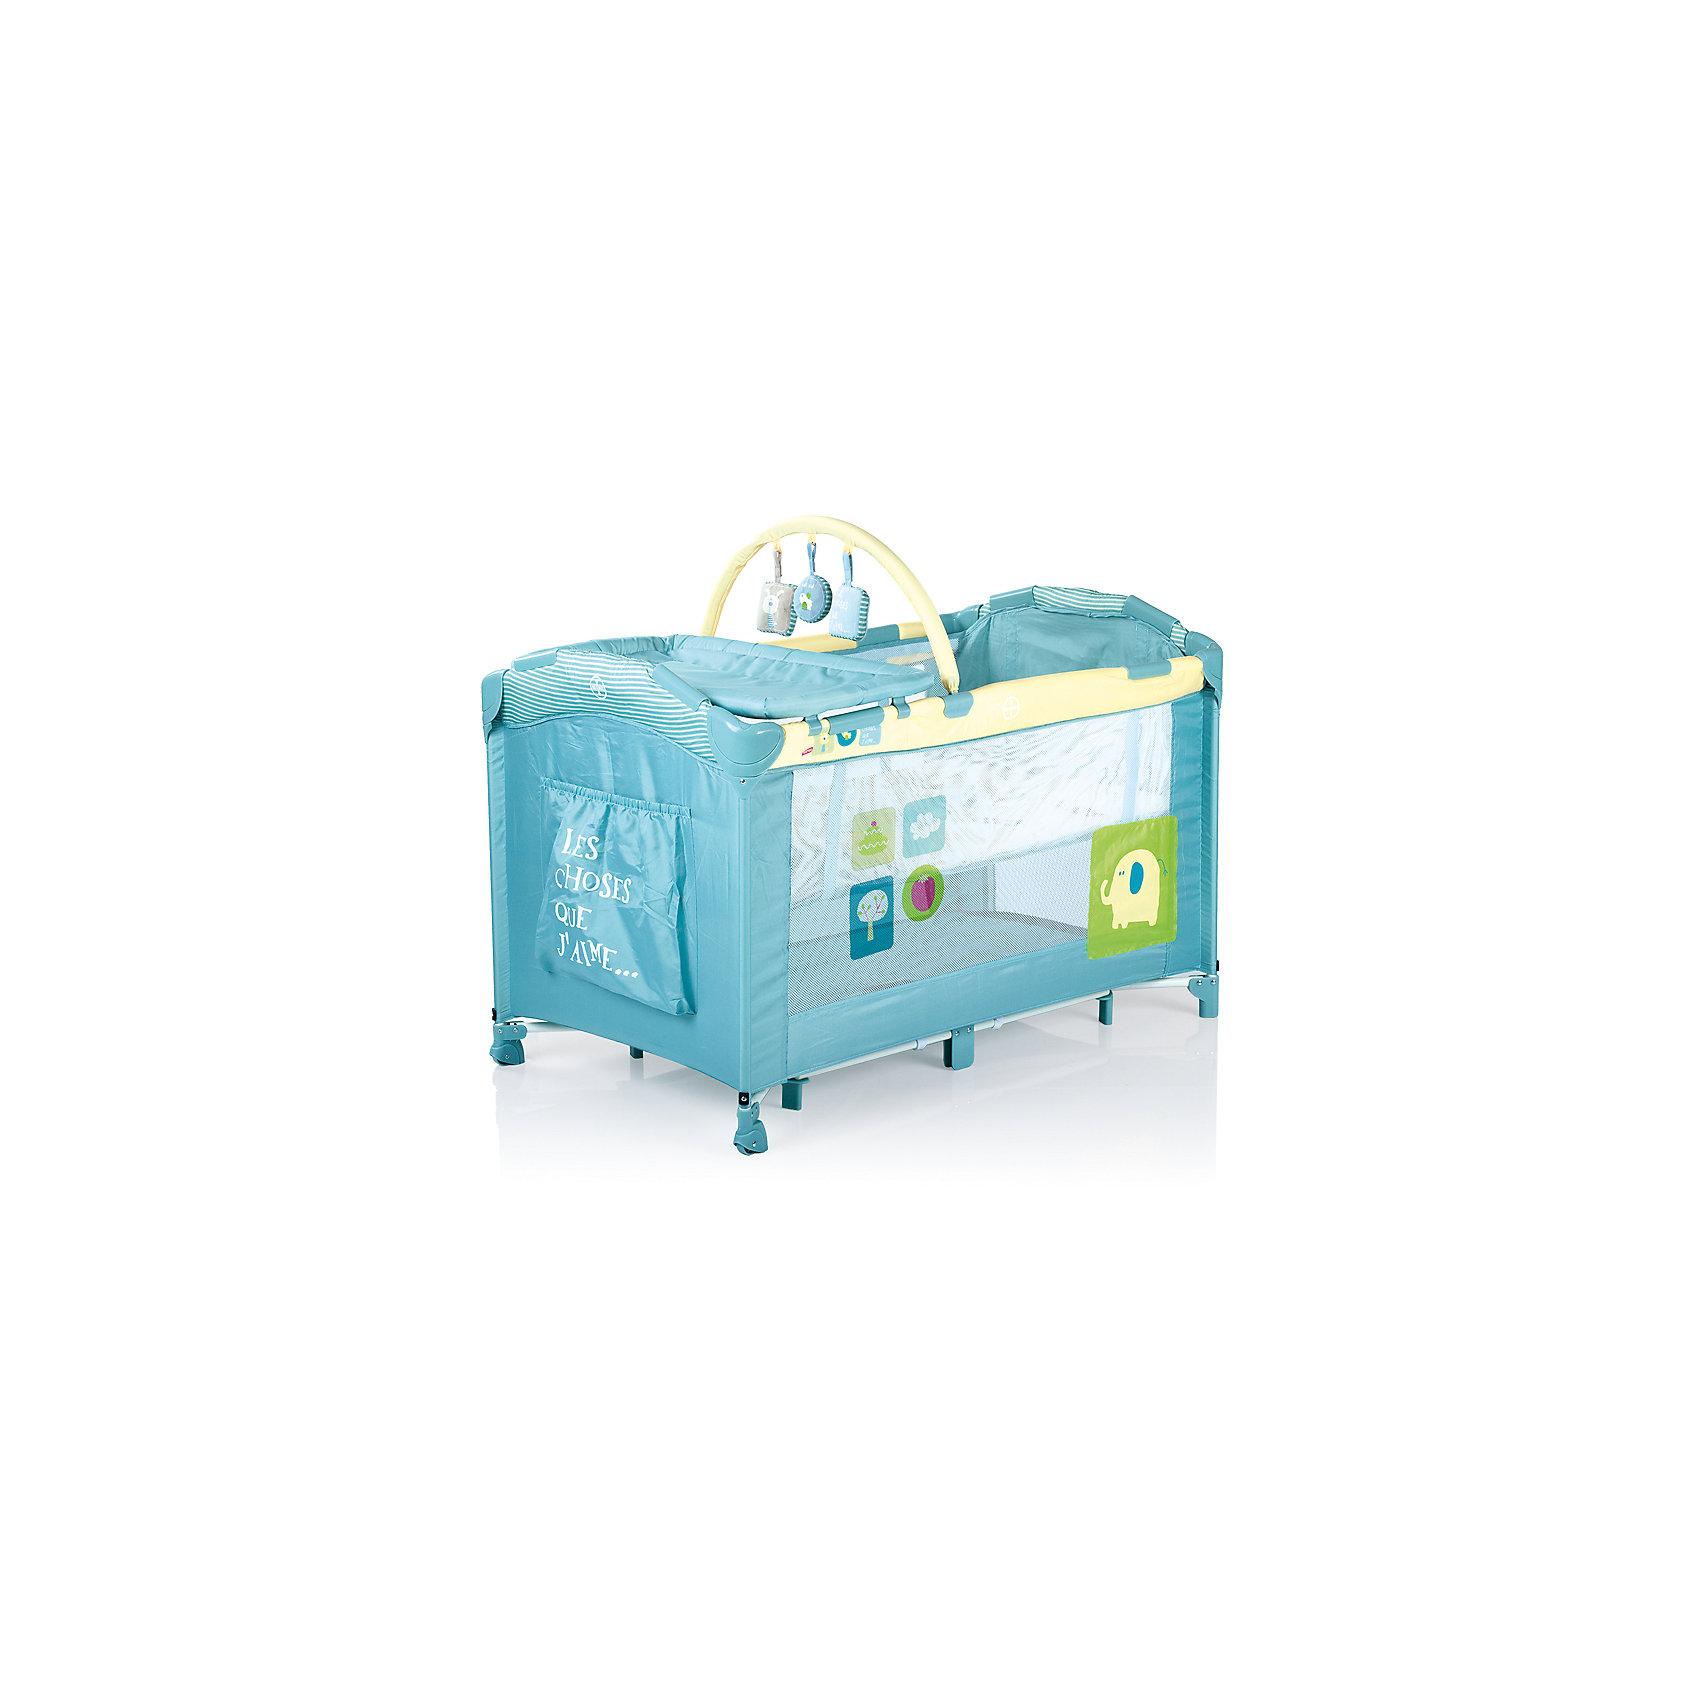 Babies Манеж-кровать Babies P-695H, Babies babies манеж кровать p 1a